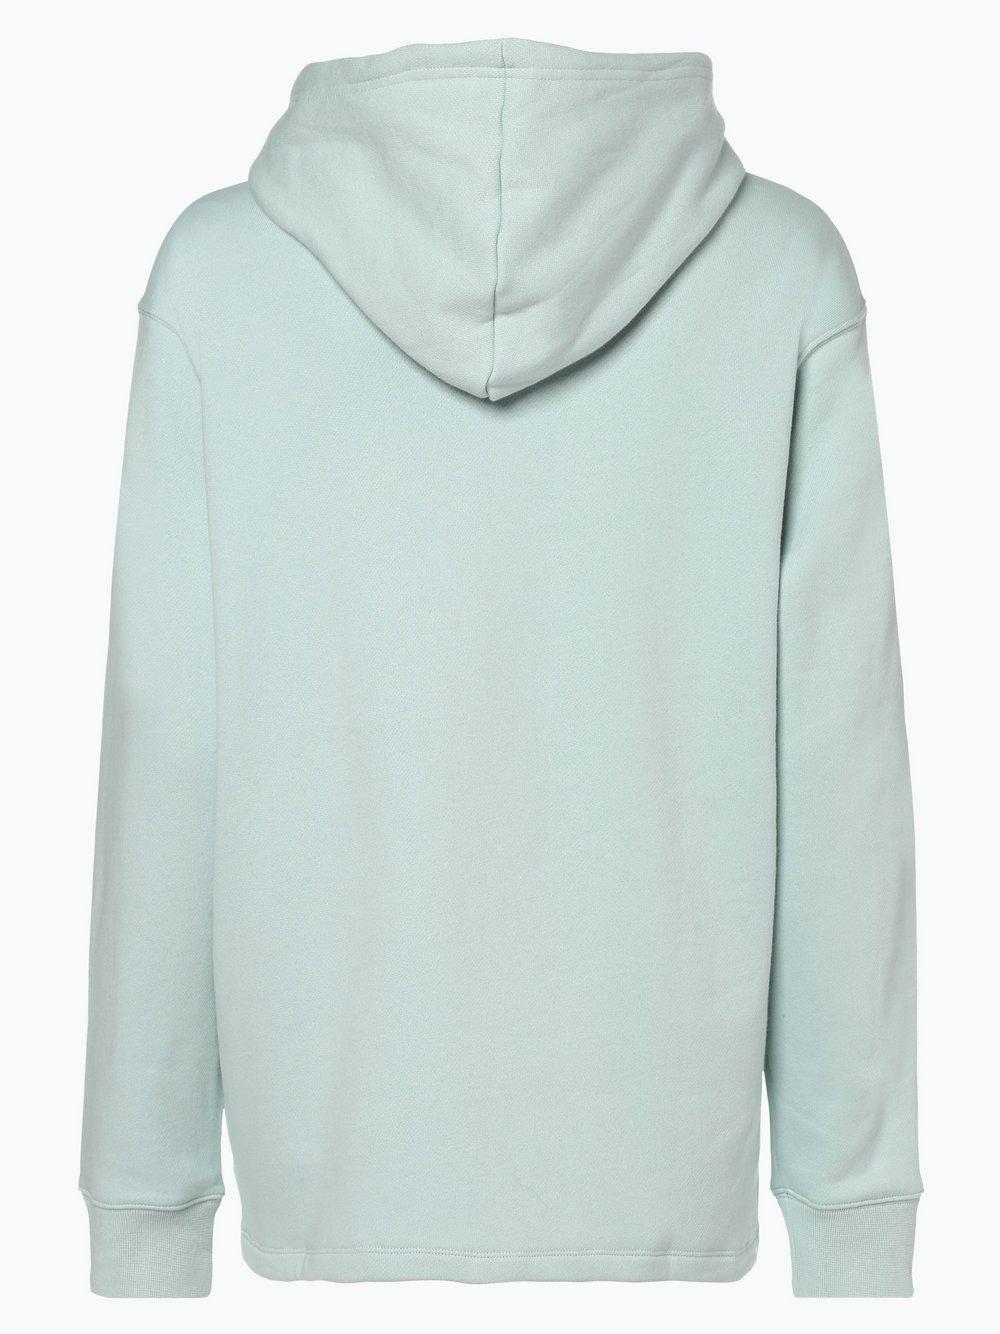 ADIDAS Originals – Bluza rozpinana o kroju slim fit z paskami z logo – Miętowy